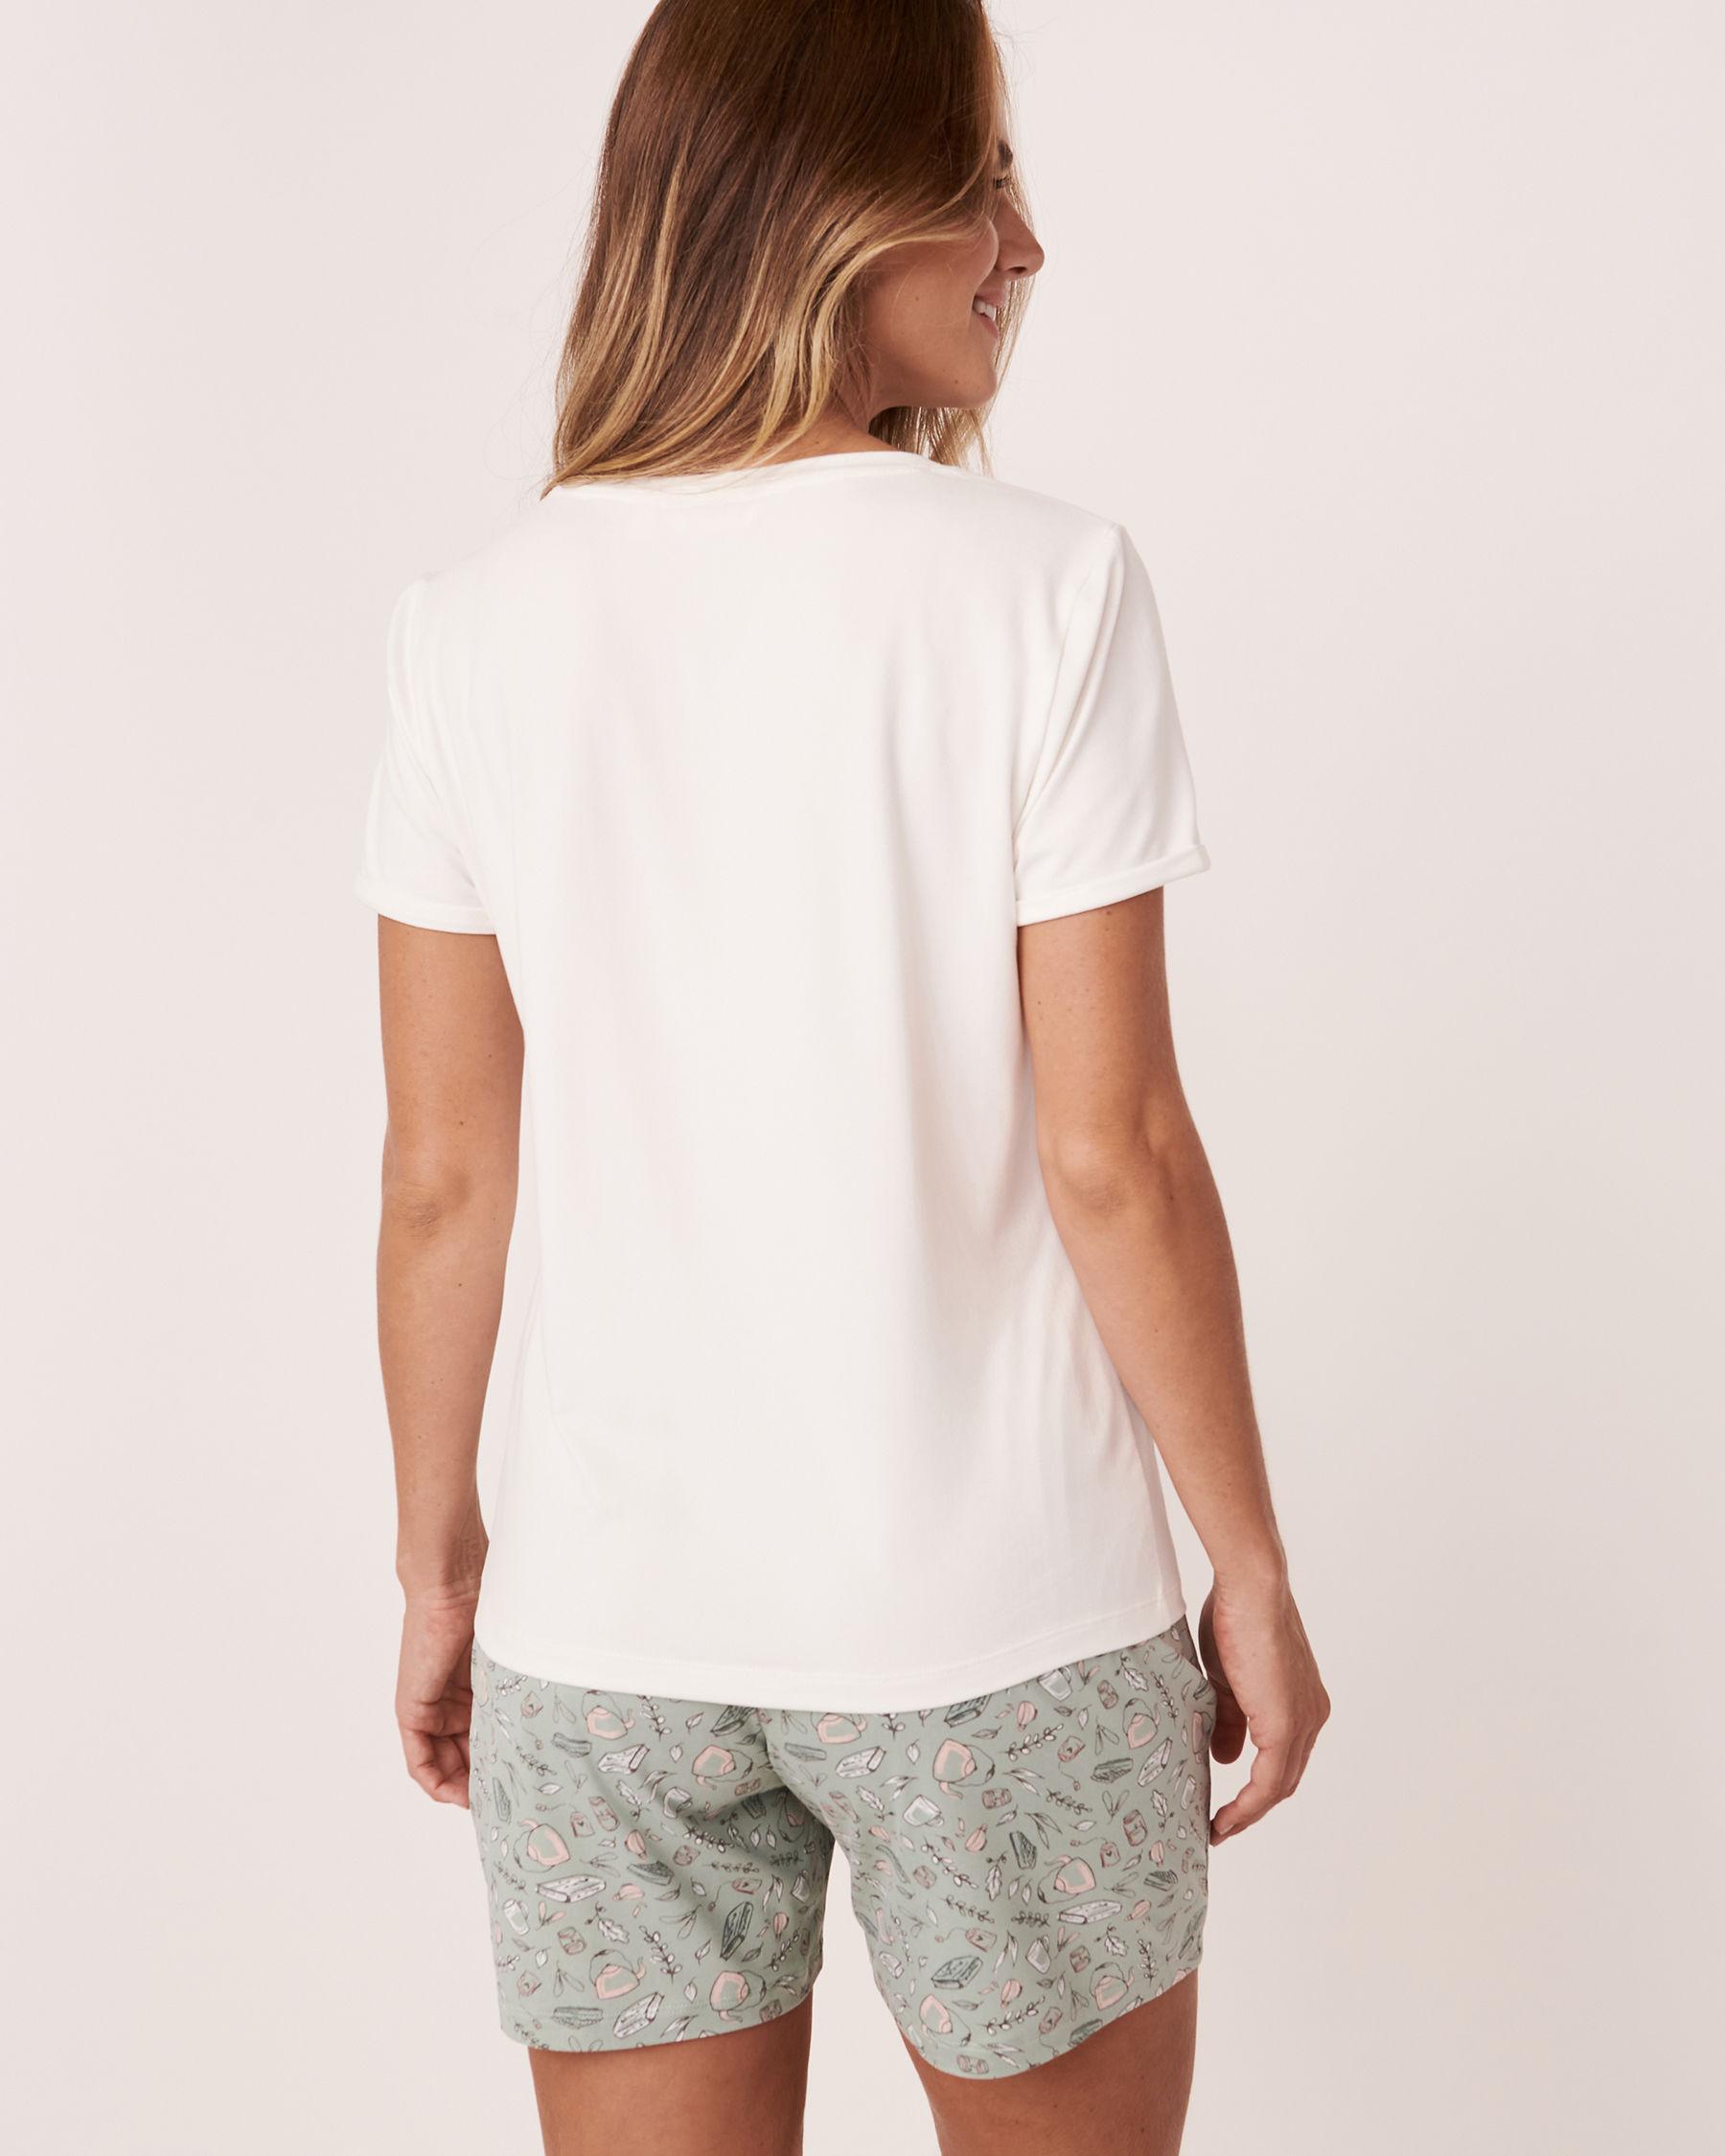 LA VIE EN ROSE V-neckline T-shirt White 40100118 - View2